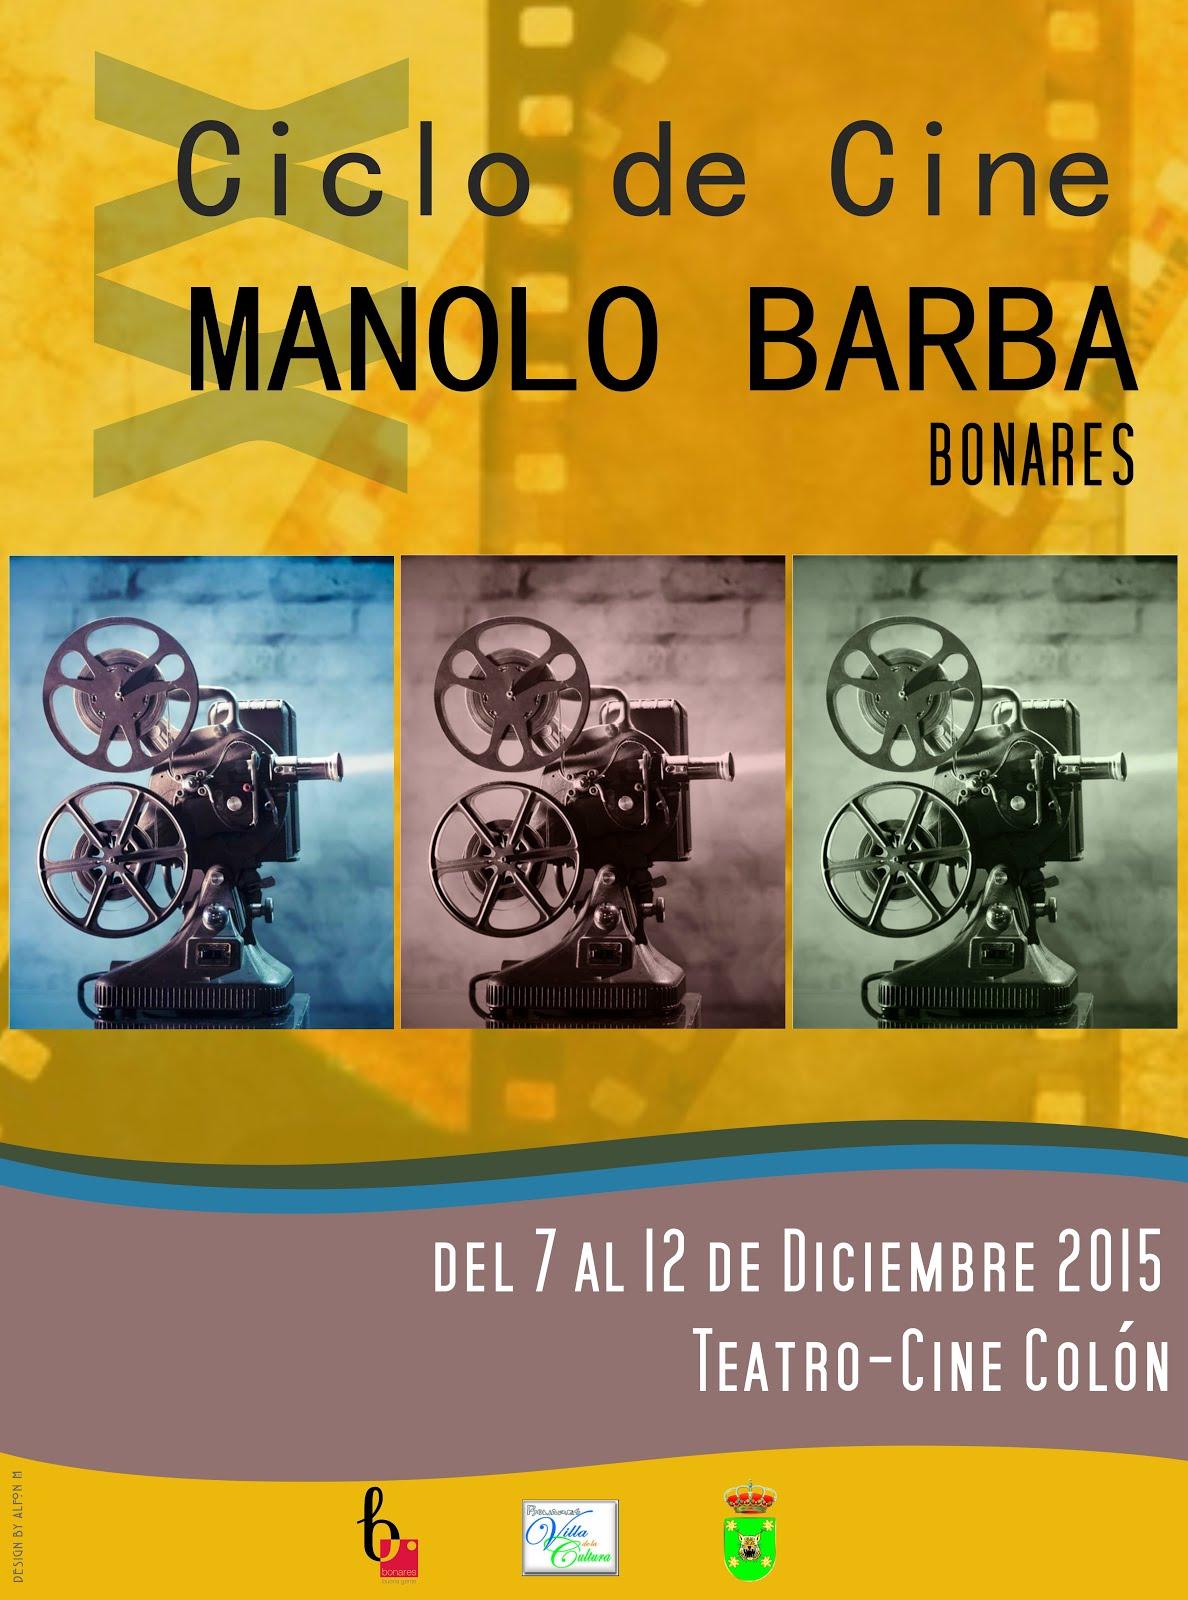 XX CICLO DE CINE MANOLO BARBA